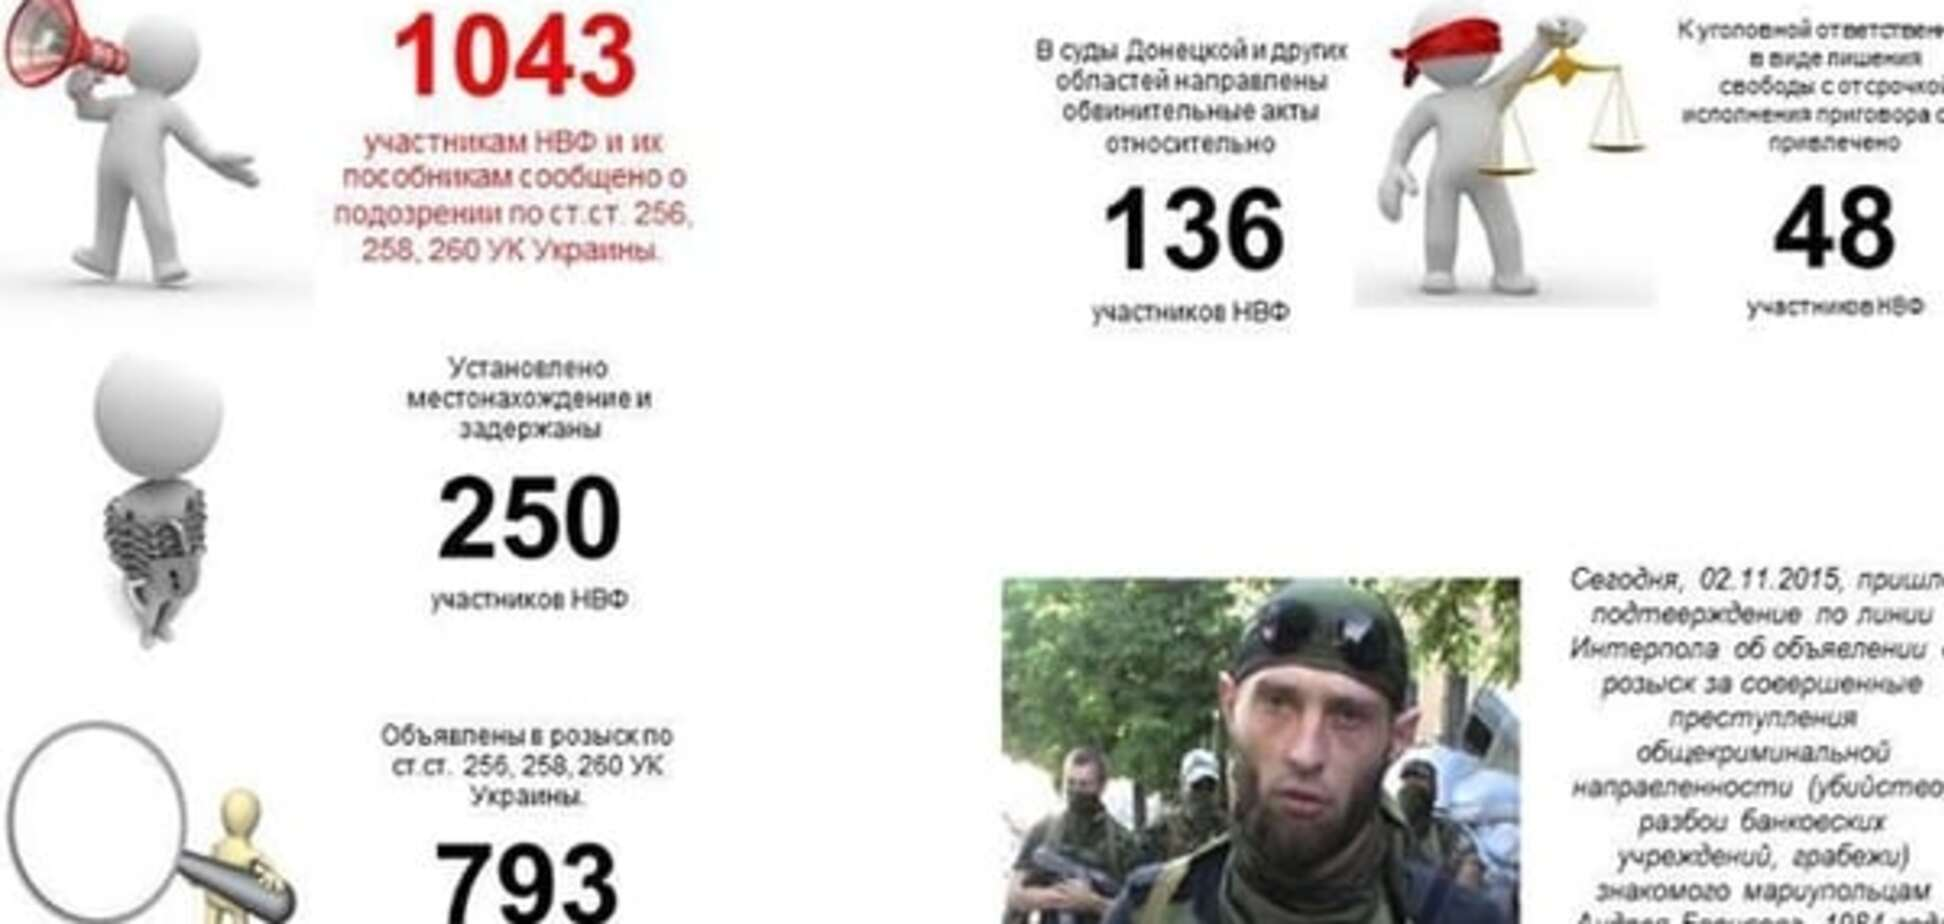 Скільки терористів вже зловили на Донбасі: опублікована інфографіка